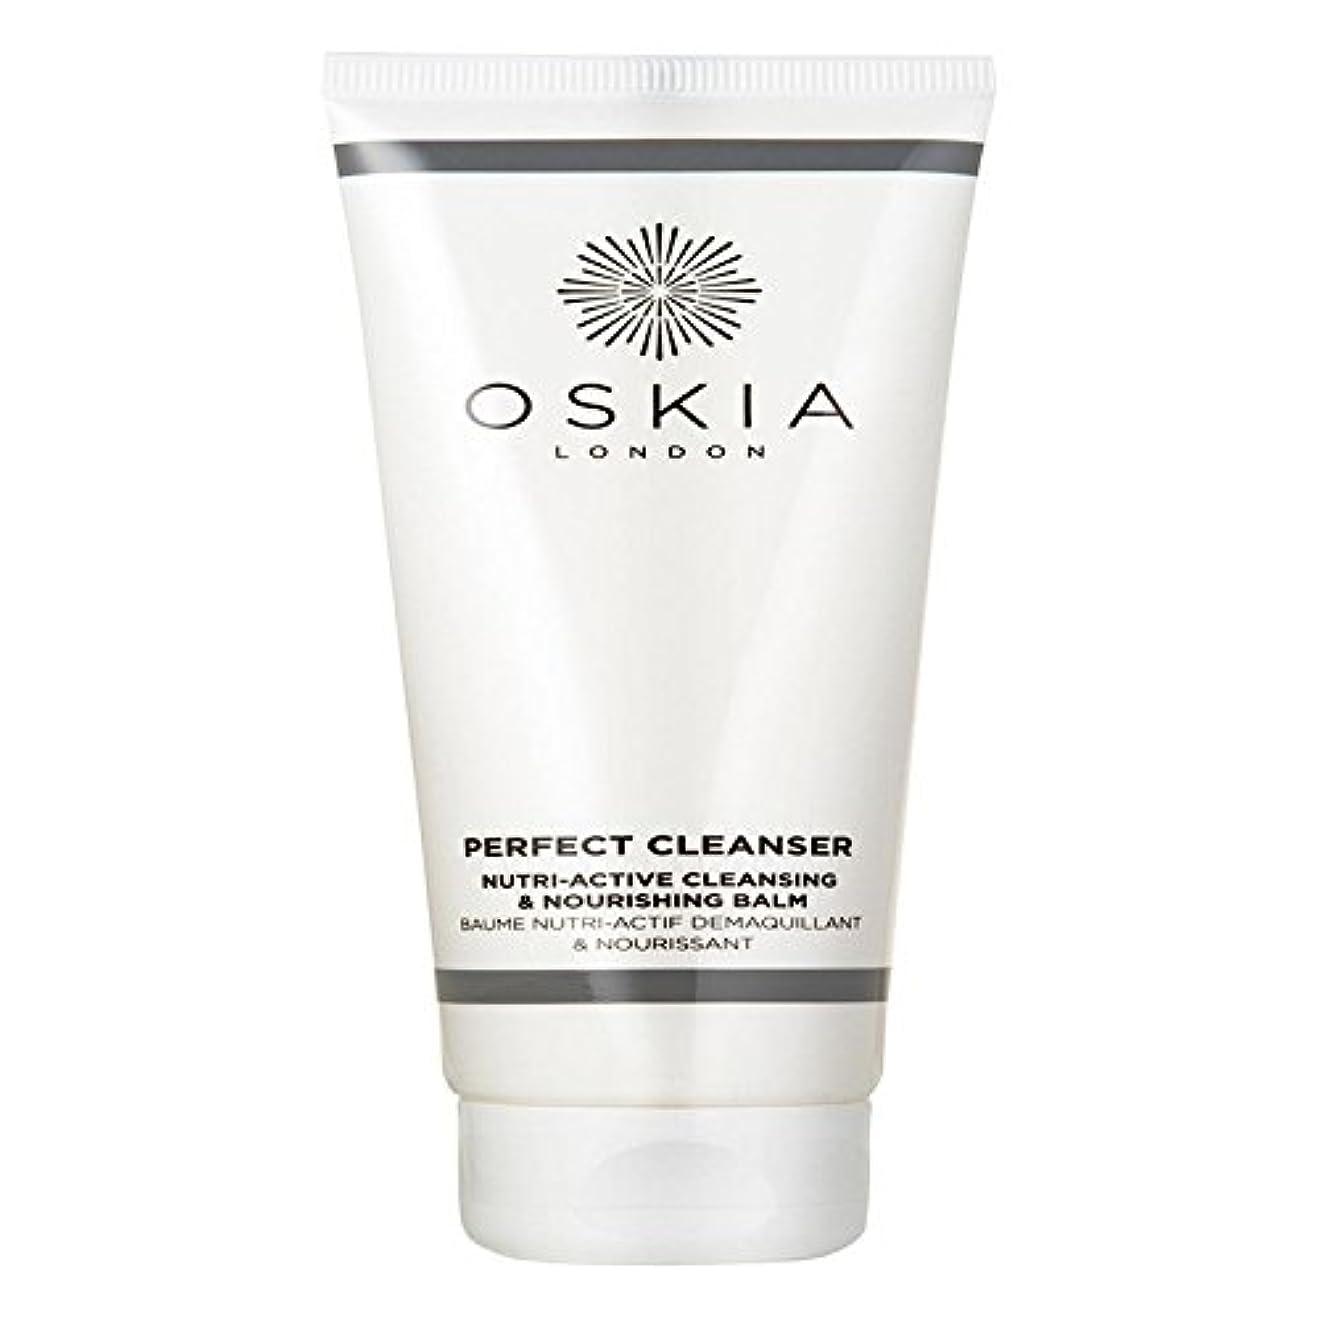 ホイッスル読者フレームワーク完璧なクレンザー125ミリリットル x2 - OSKIA Perfect Cleanser 125ml (Pack of 2) [並行輸入品]